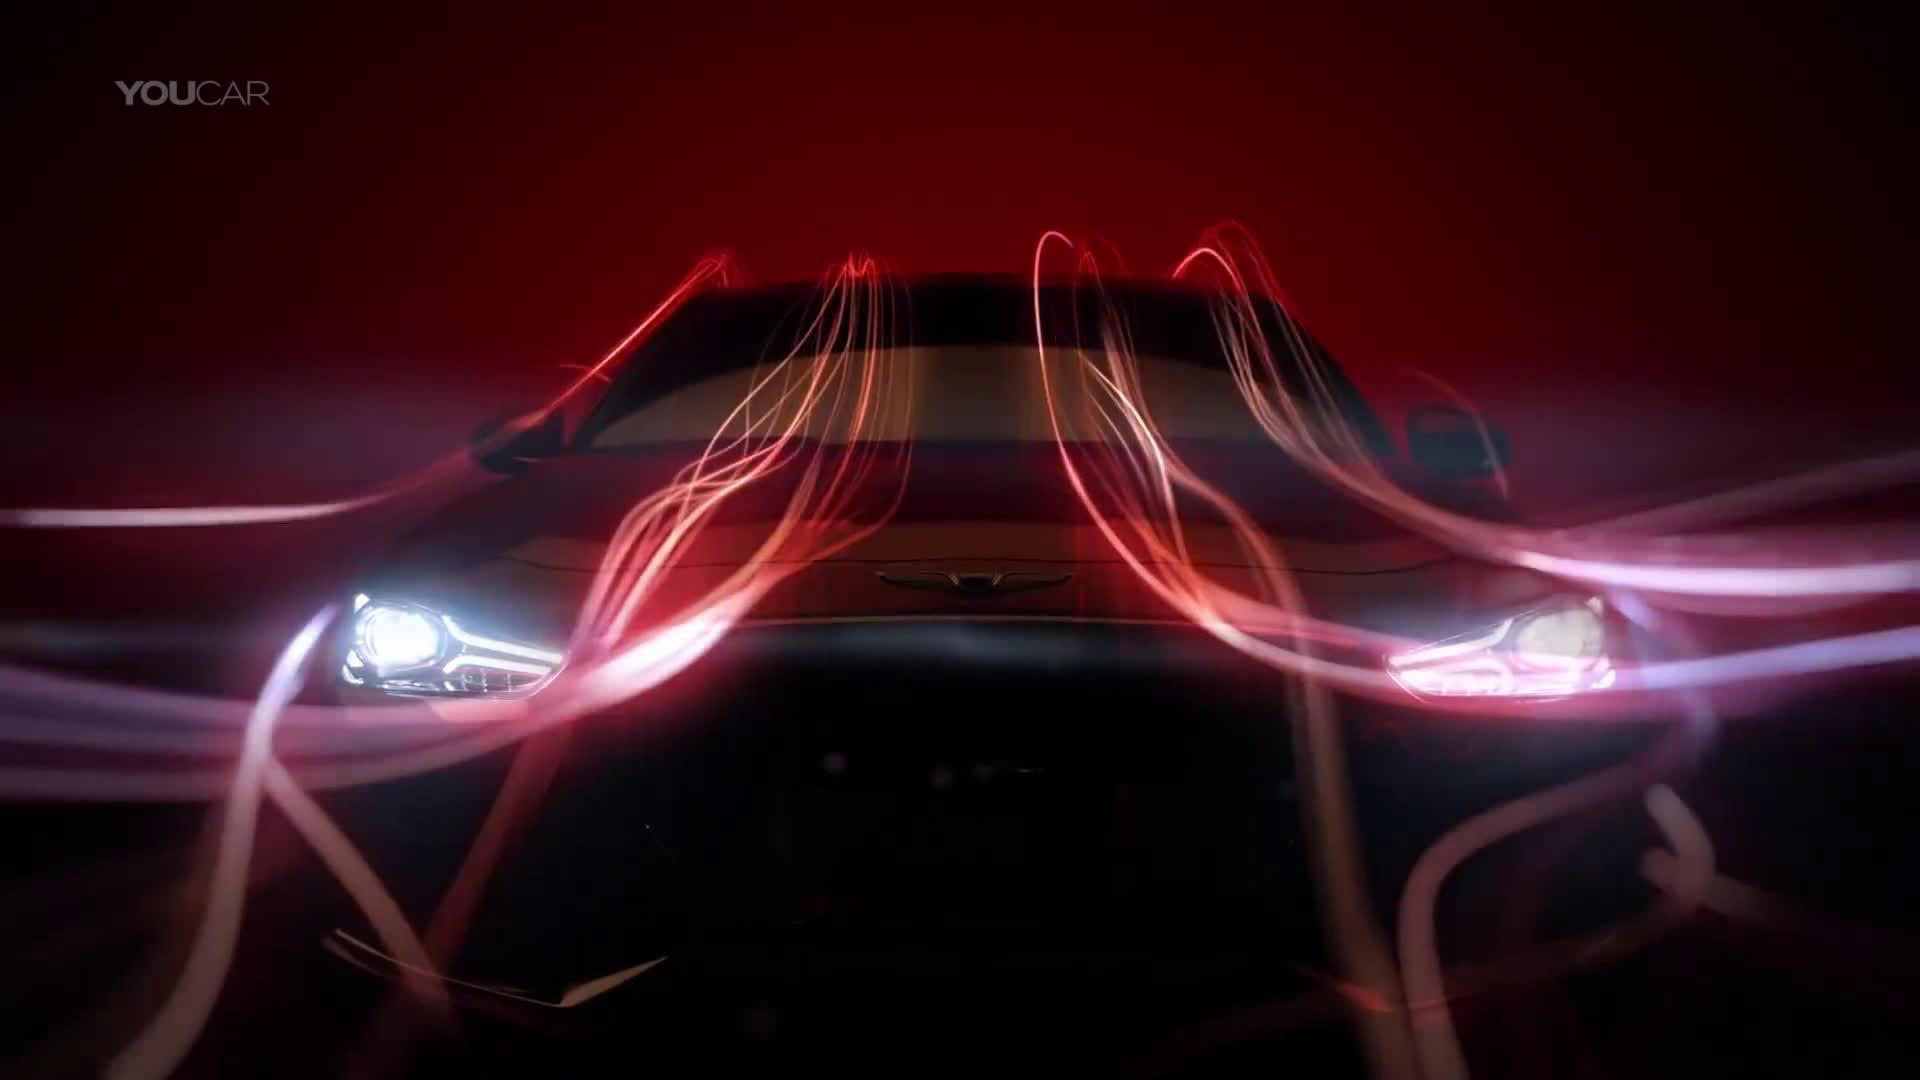 每日汽车趣闻  现代高端车型Genesis G70  wecar当讲不当...